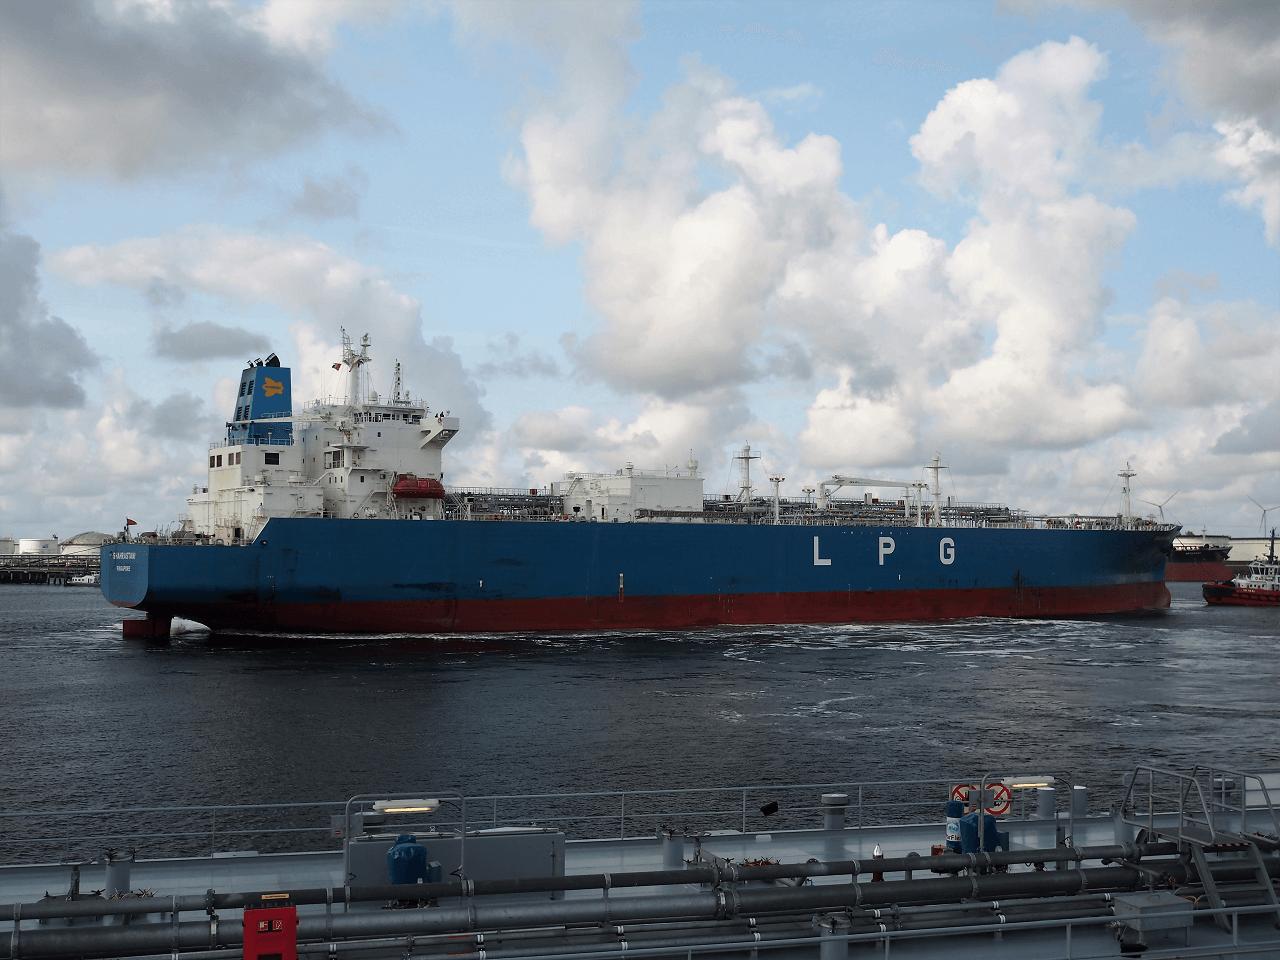 Ham Petrol ve Bazı Petrol Ürünleri Ticaretine İlişkin Kararda Değişiklik Yapıldı